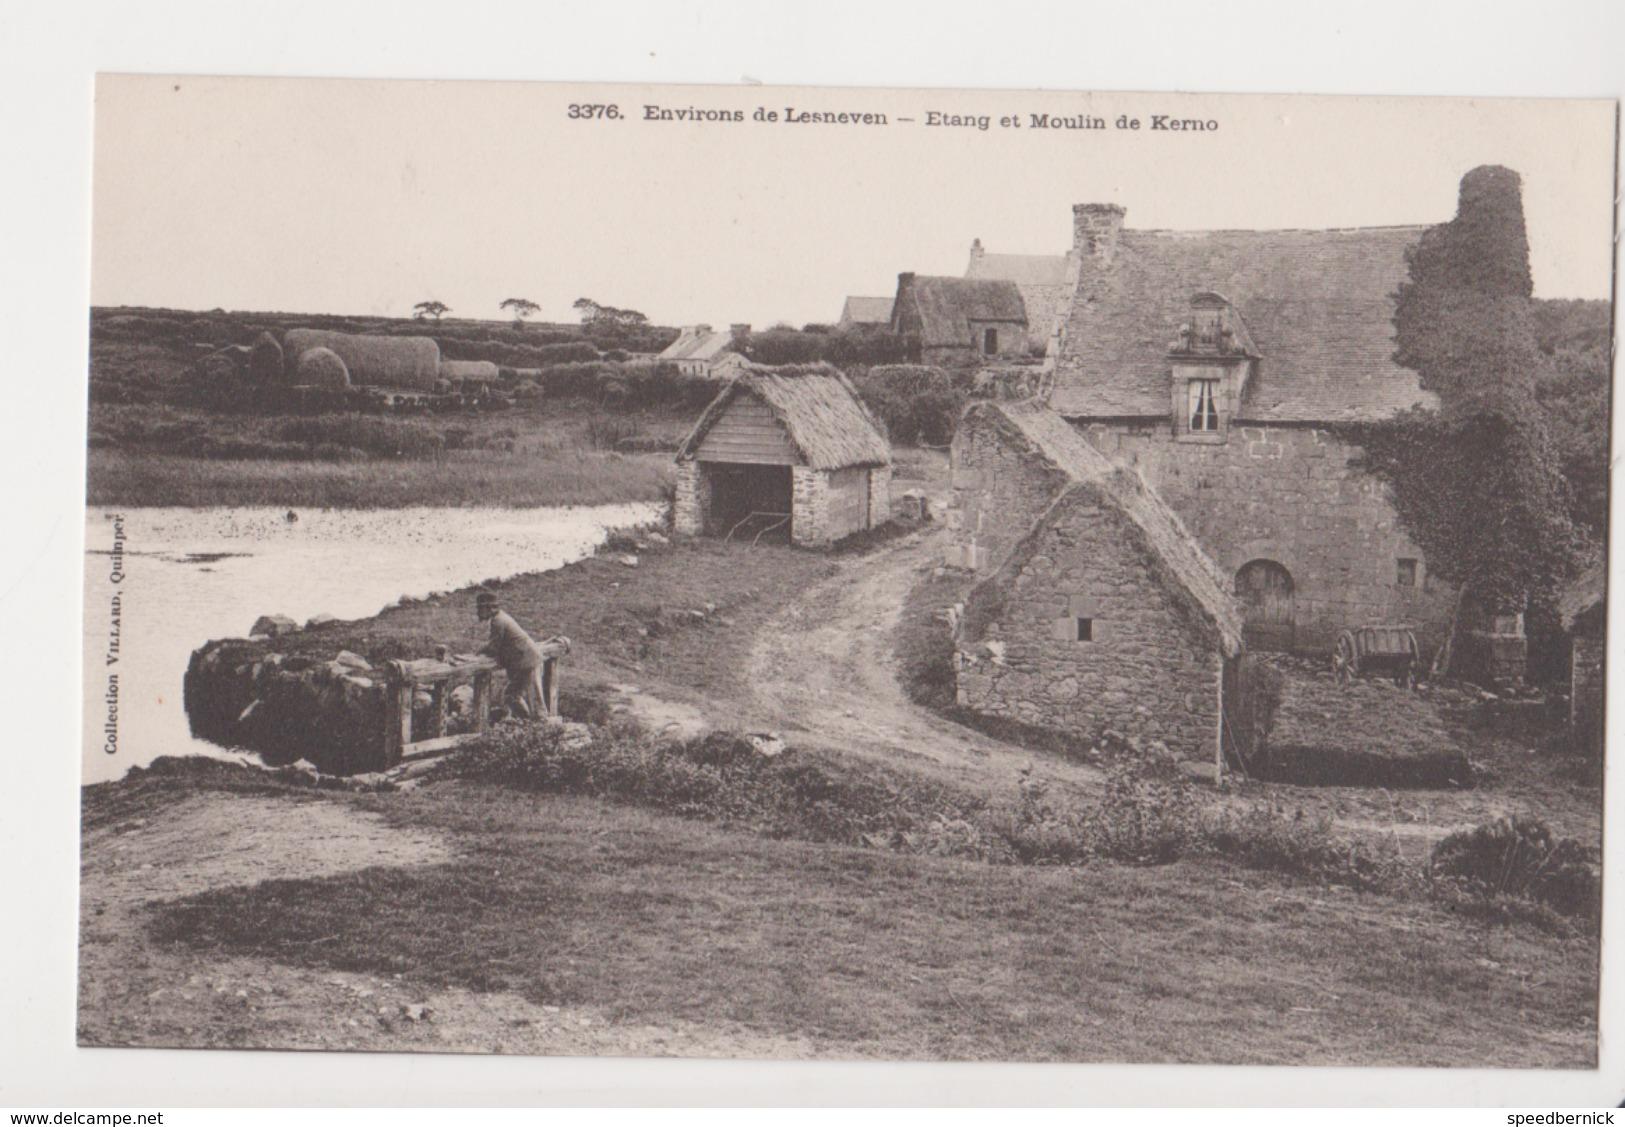 26299 Finistère - Environs De Lesneven - Etang Et Moulin De Kerno -  3376 Villard, Quimper -ecluse Manoir - Karten Bost - Lesneven